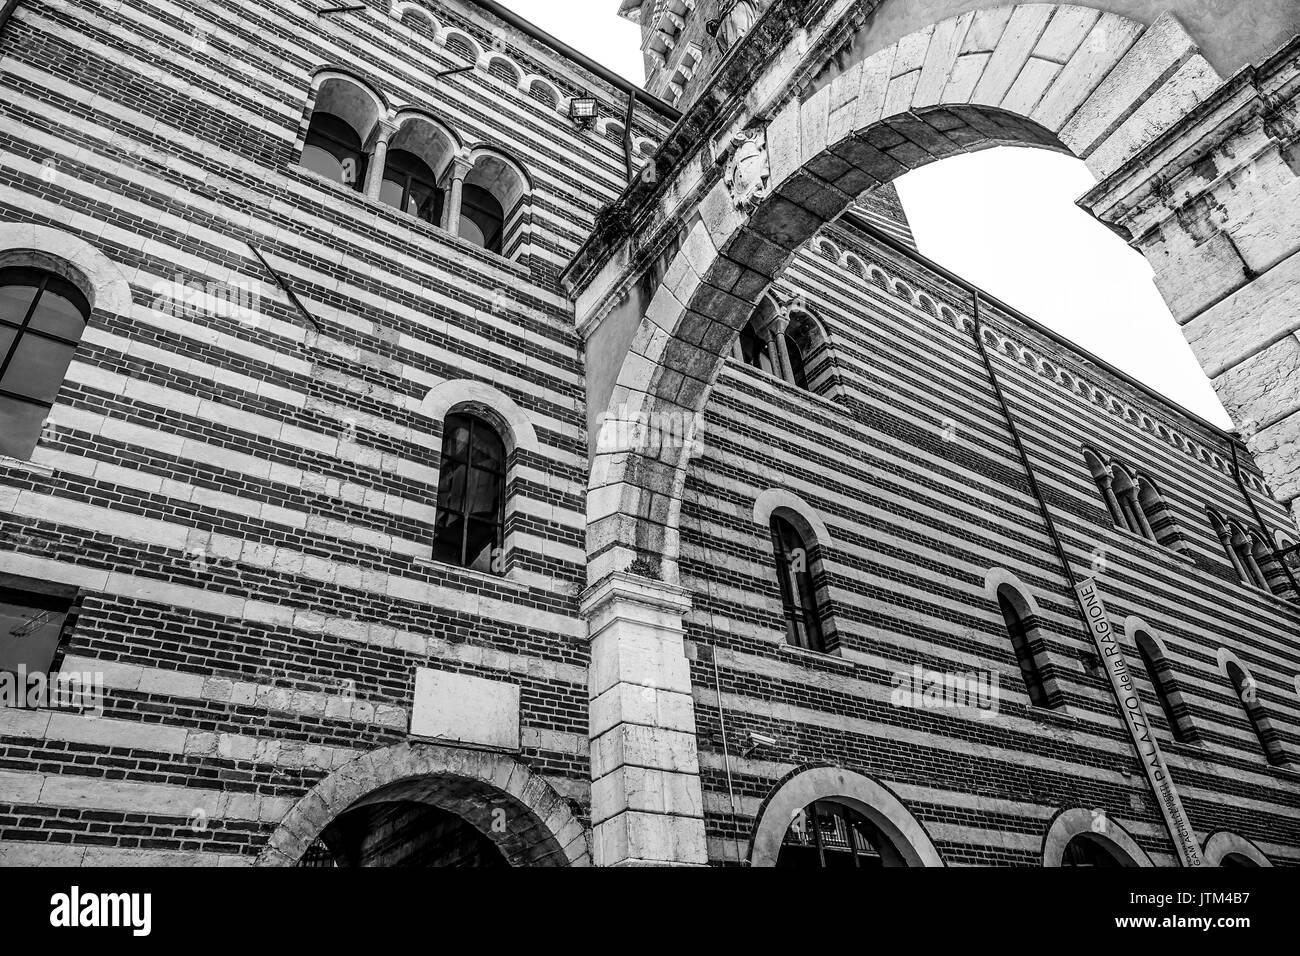 Palazzo del Mercato Vecchio in Verona Italy - Stock Image